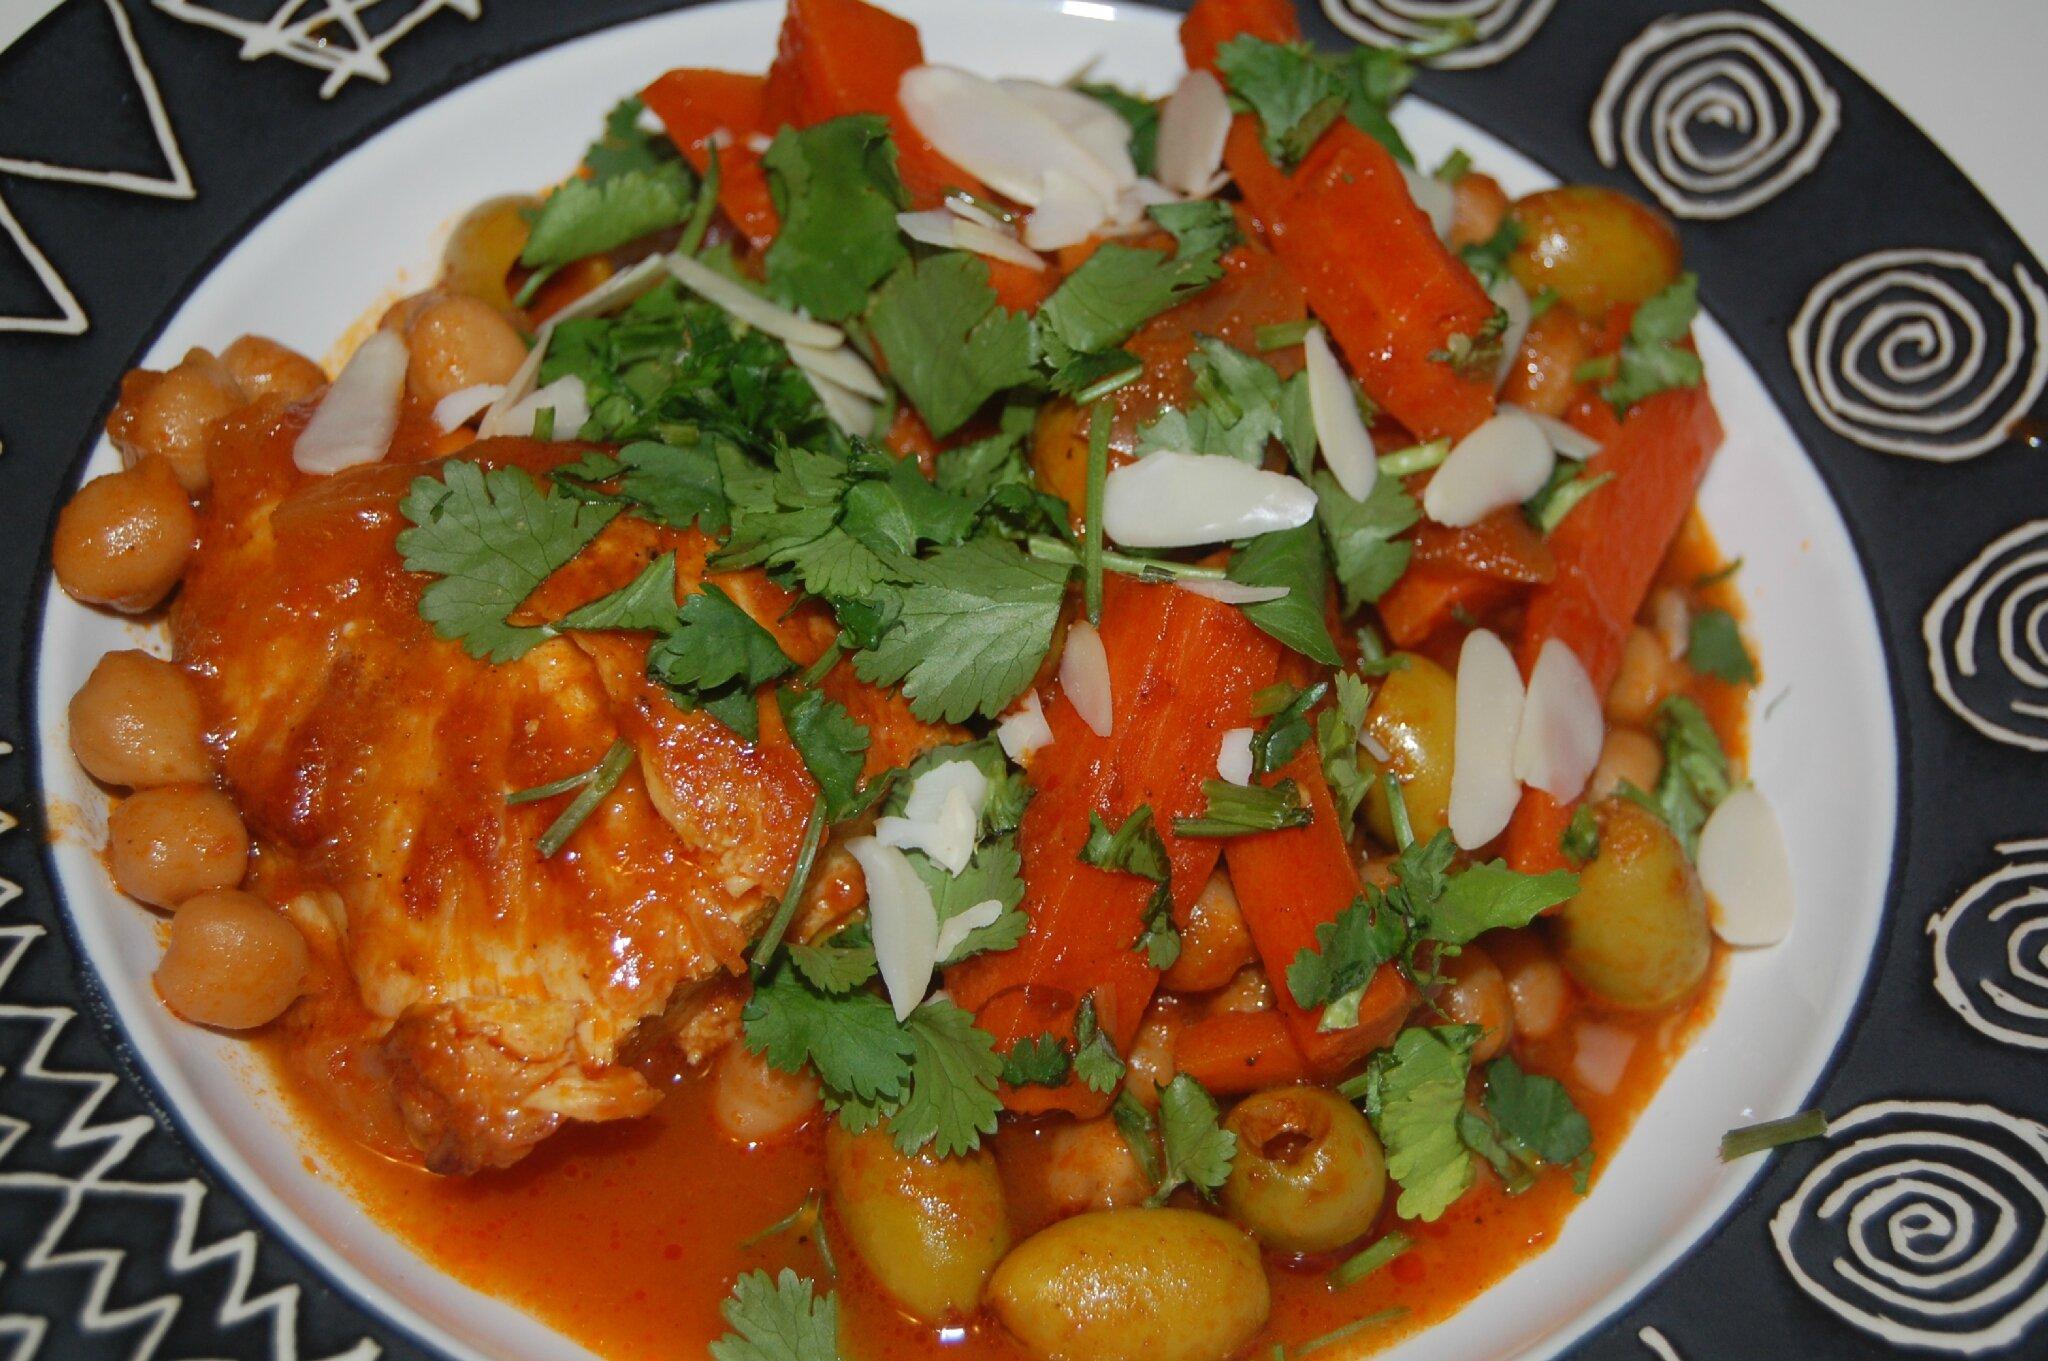 Tajine du maroc ou Tagine de tunisie ? Déguster UN tajine de poulet au pois chiches et olives vertes